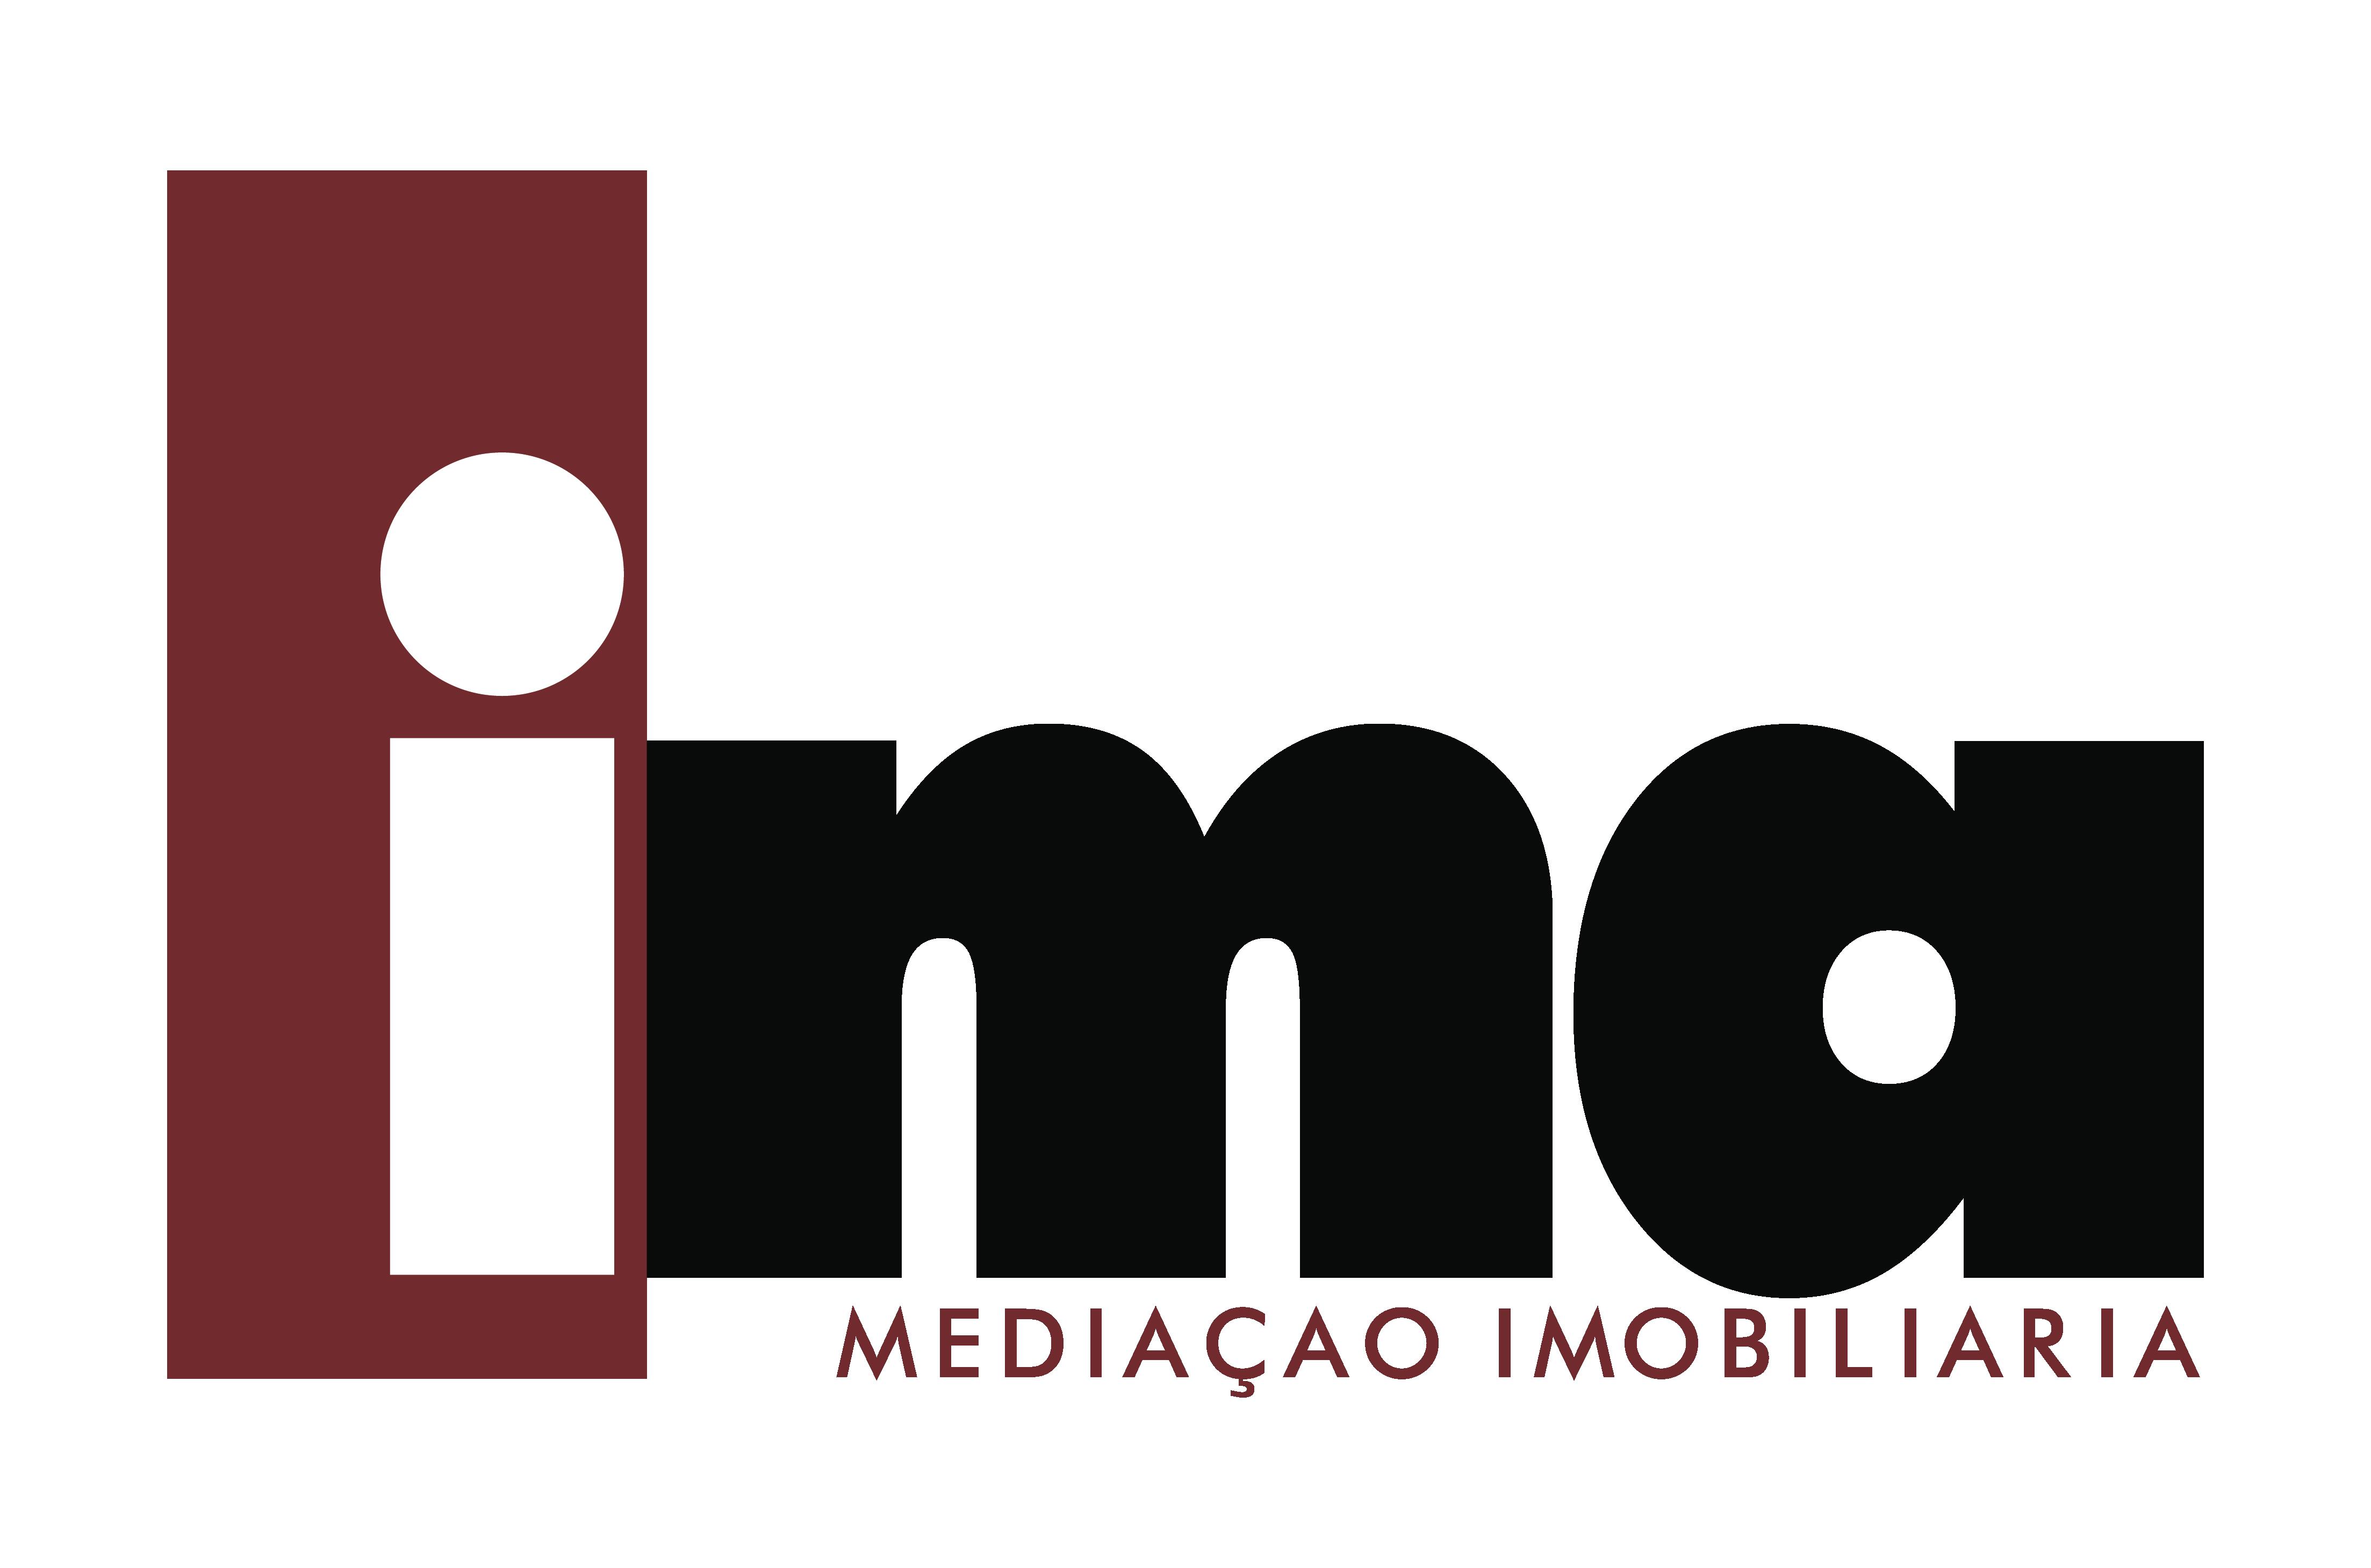 Ima Sociedade de Mediação Imobiliária Lda